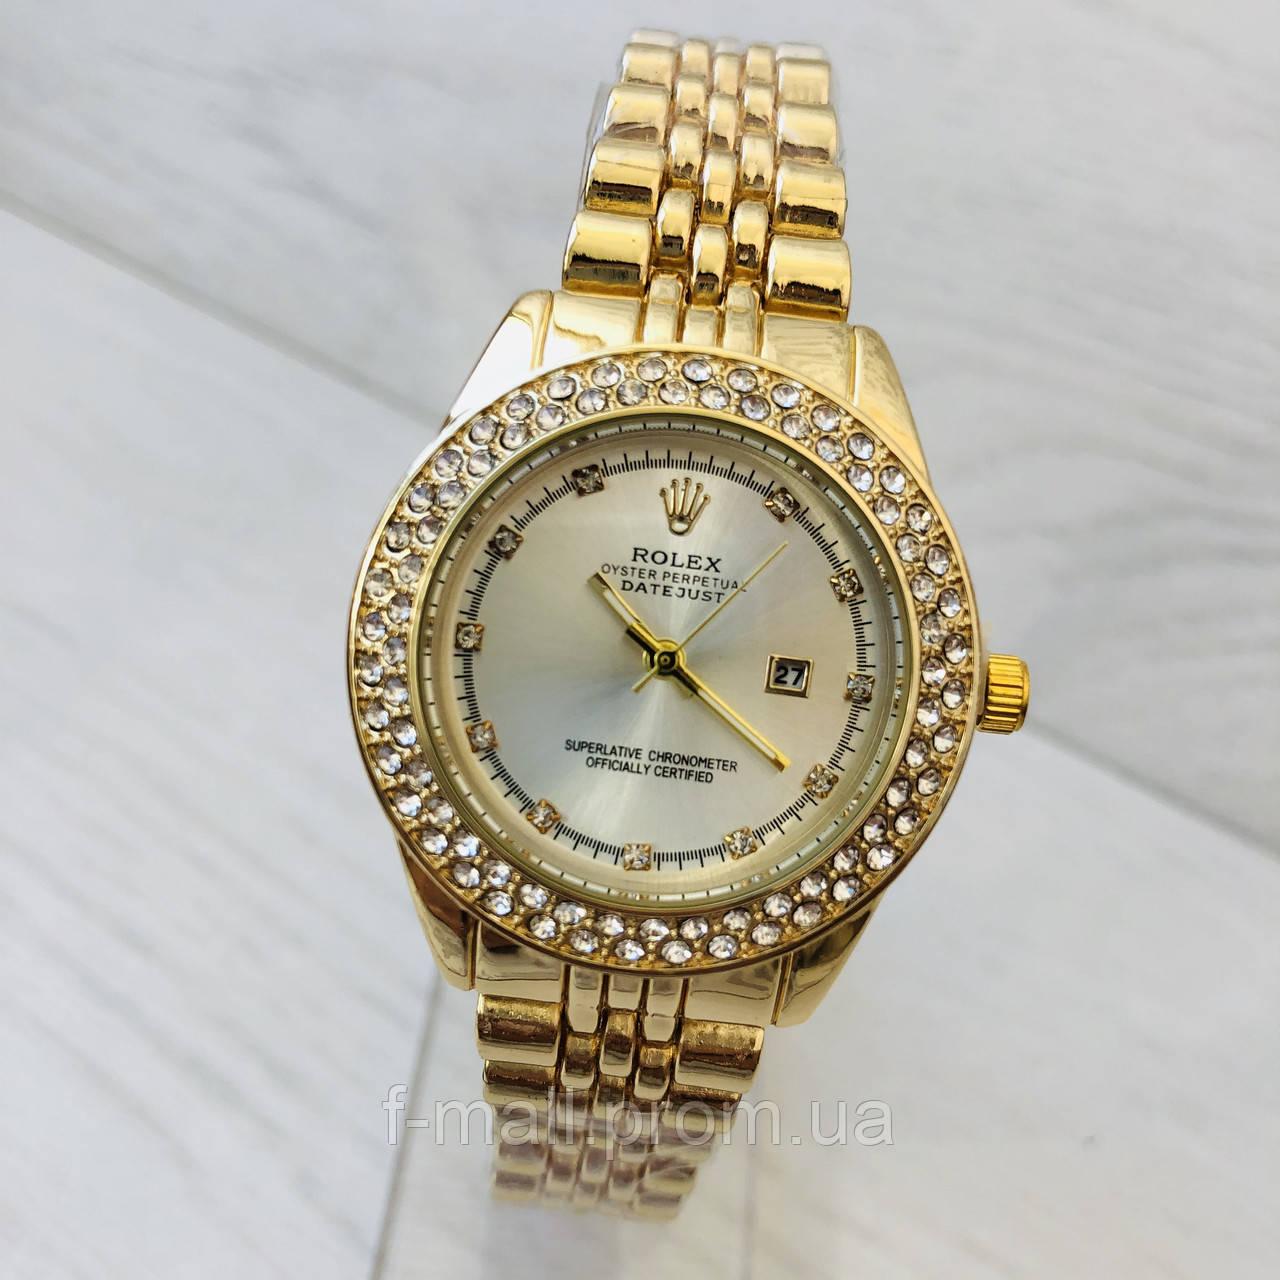 Новинка! Женские наручные часы Rolex